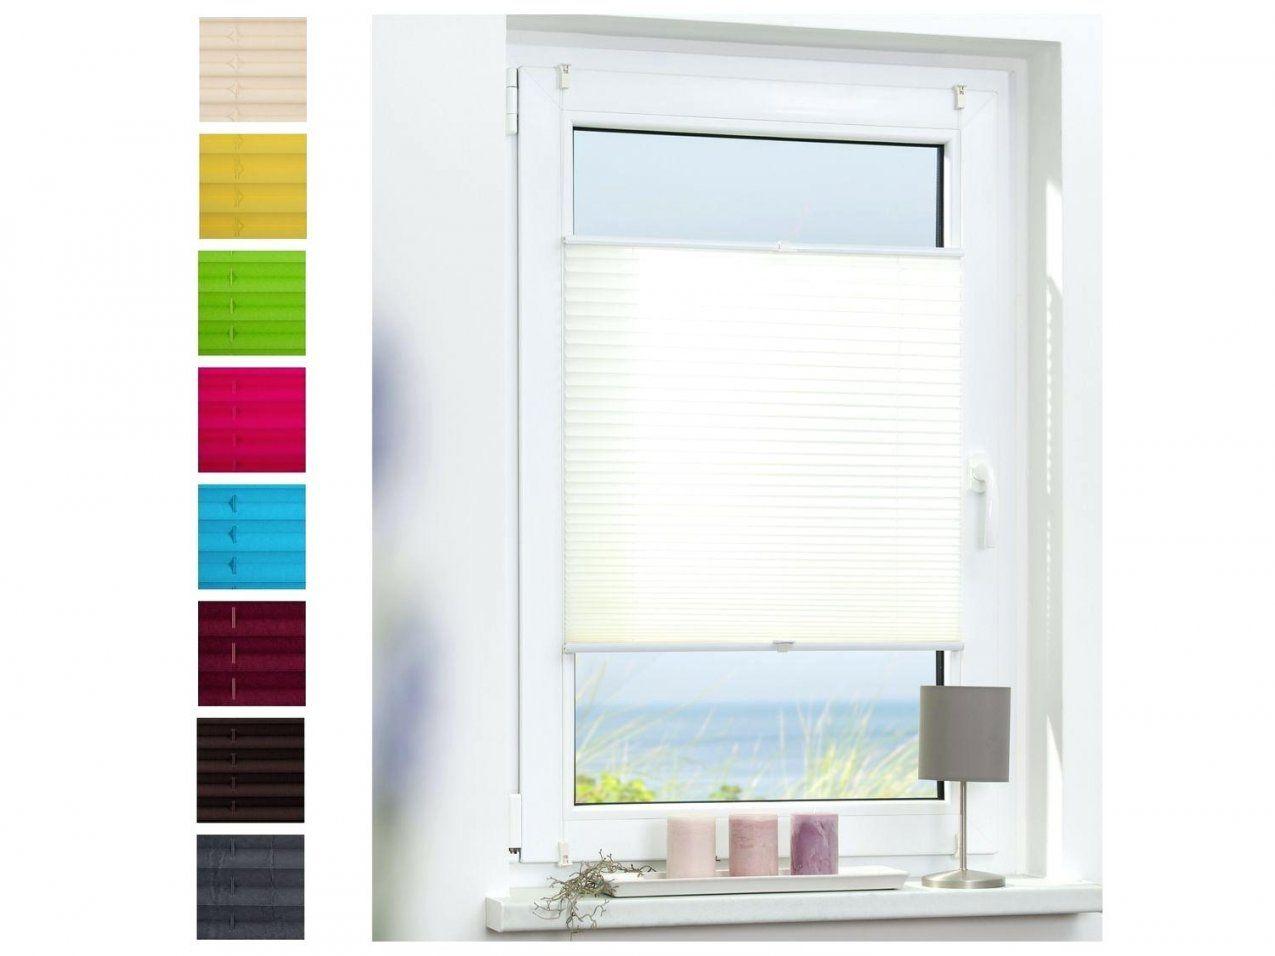 Faltjalousie Badezimmerfenster Plissee Ohne Bohren Faltjalousien von Bauhaus Rollo Ohne Bohren Photo